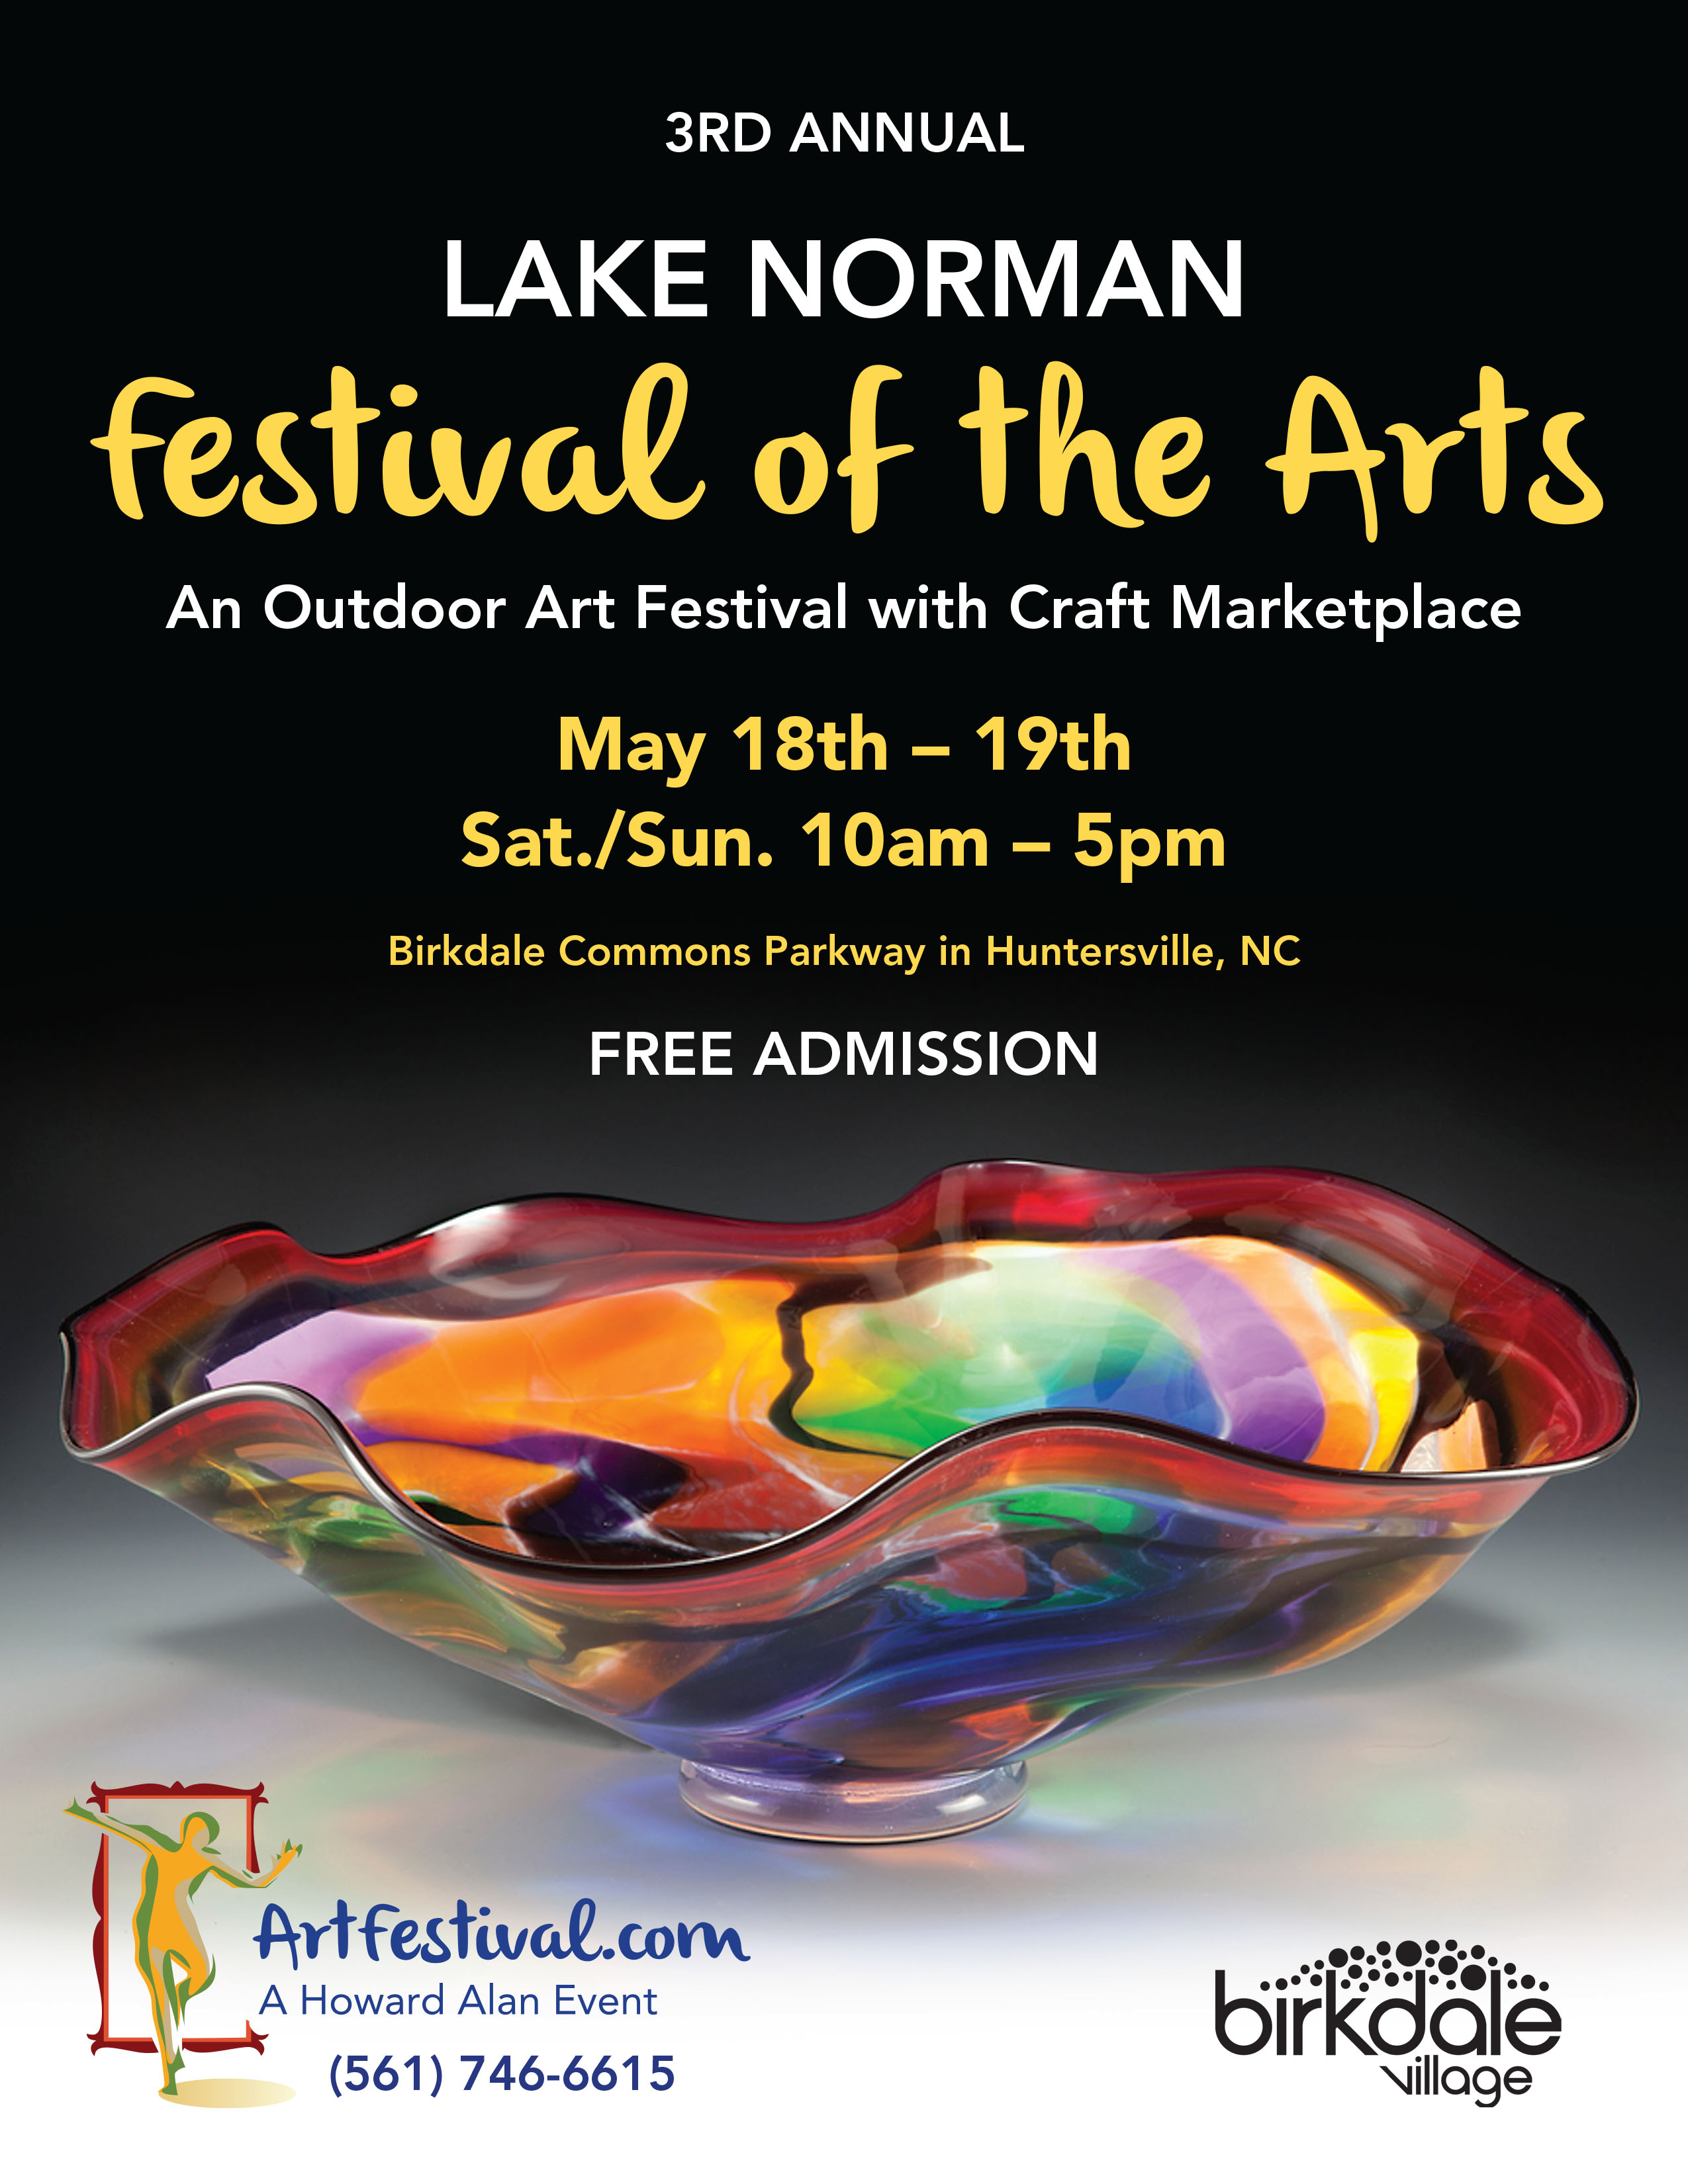 Lake Norman Art Festival